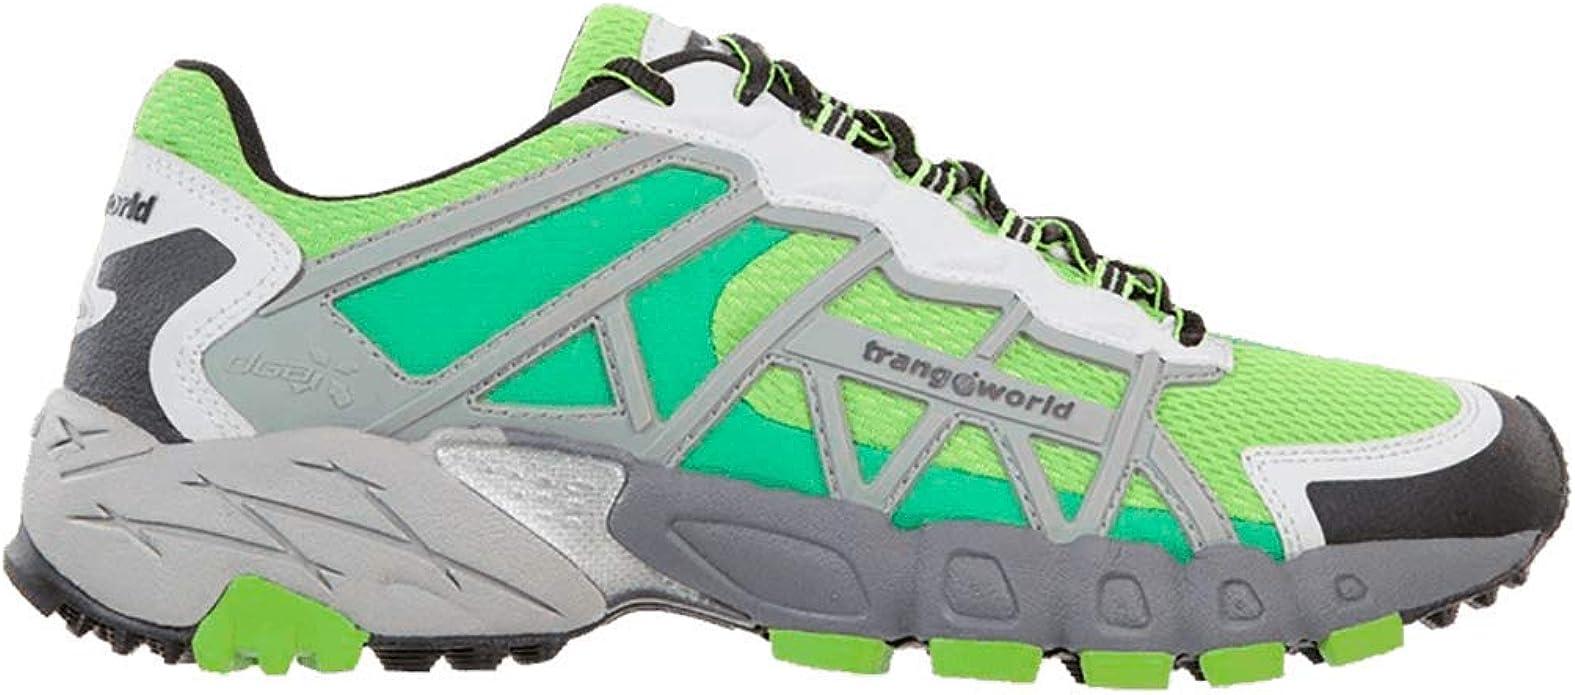 TRANGOWORLD Prowler 0109, Zapatillas de Trail Running Unisex Adulto: Amazon.es: Zapatos y complementos